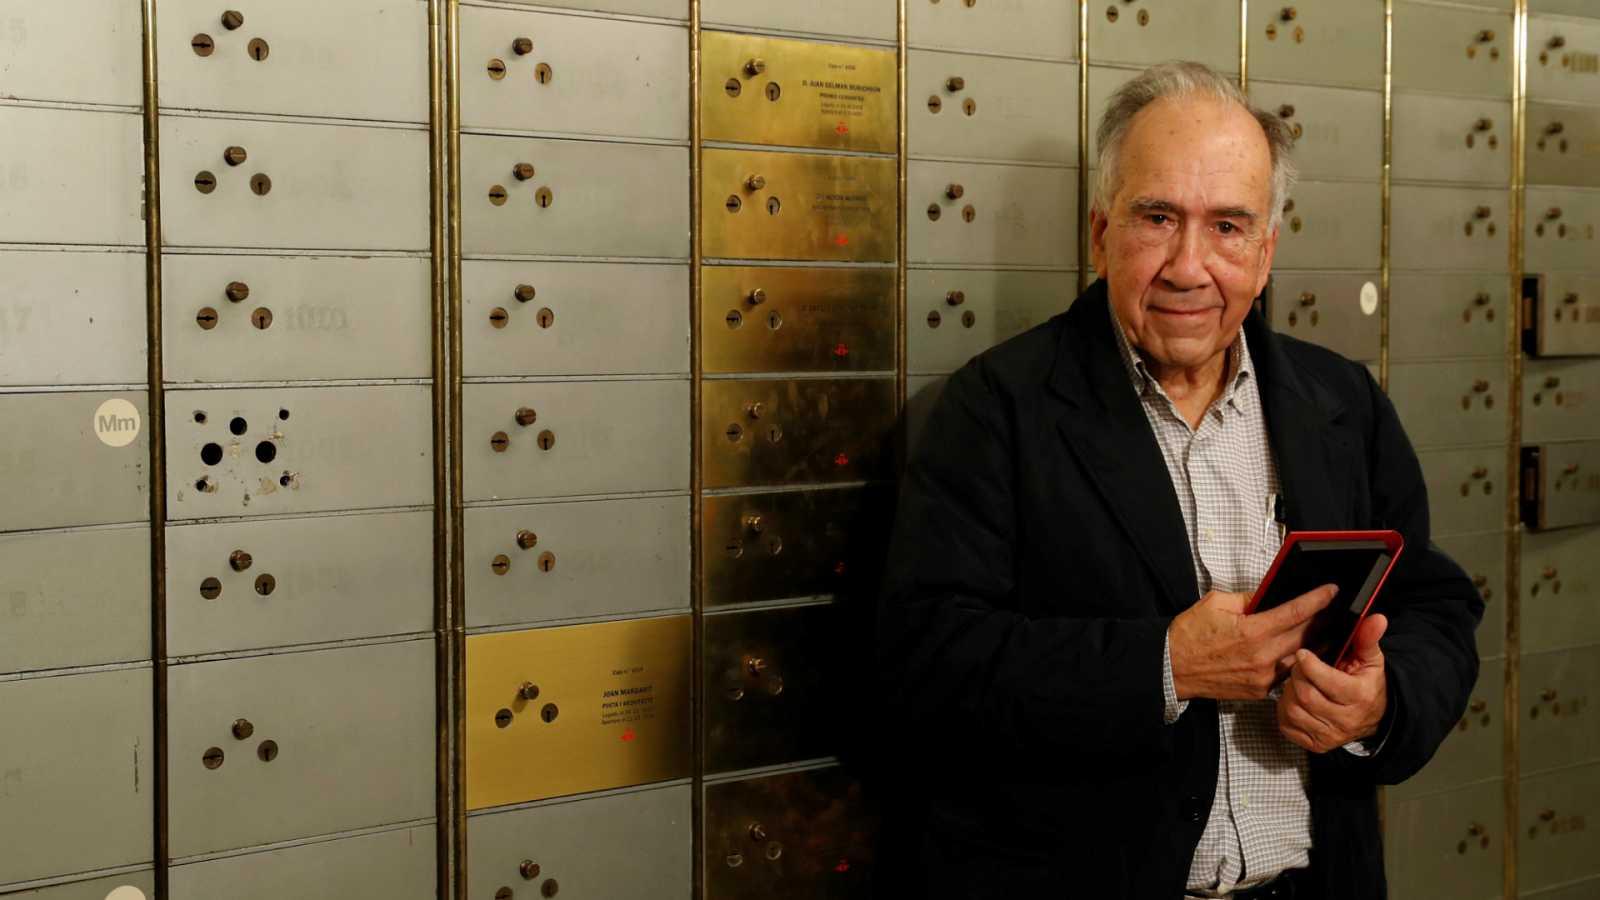 Premio Cervantes para Joan Margarit, el poeta que emplazó a Cataluña a decidir cuál debía ser su relación con España